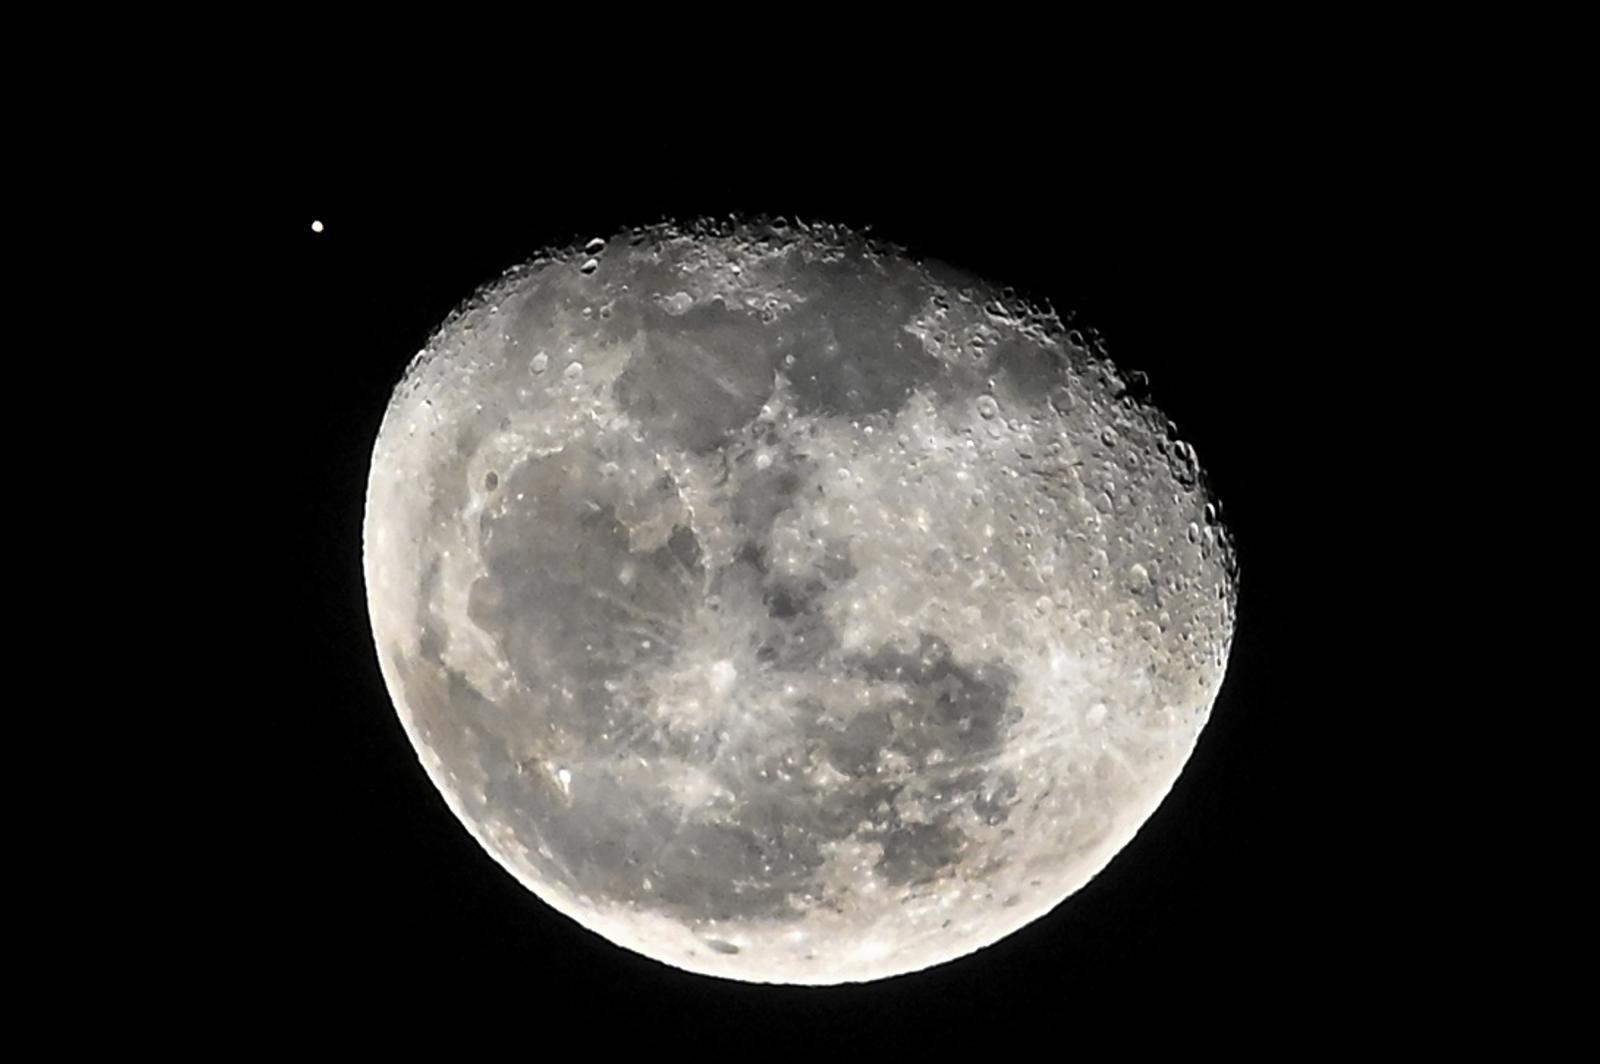 นาซาพบน้ำบนดวงจันทร์จำนวนมาก